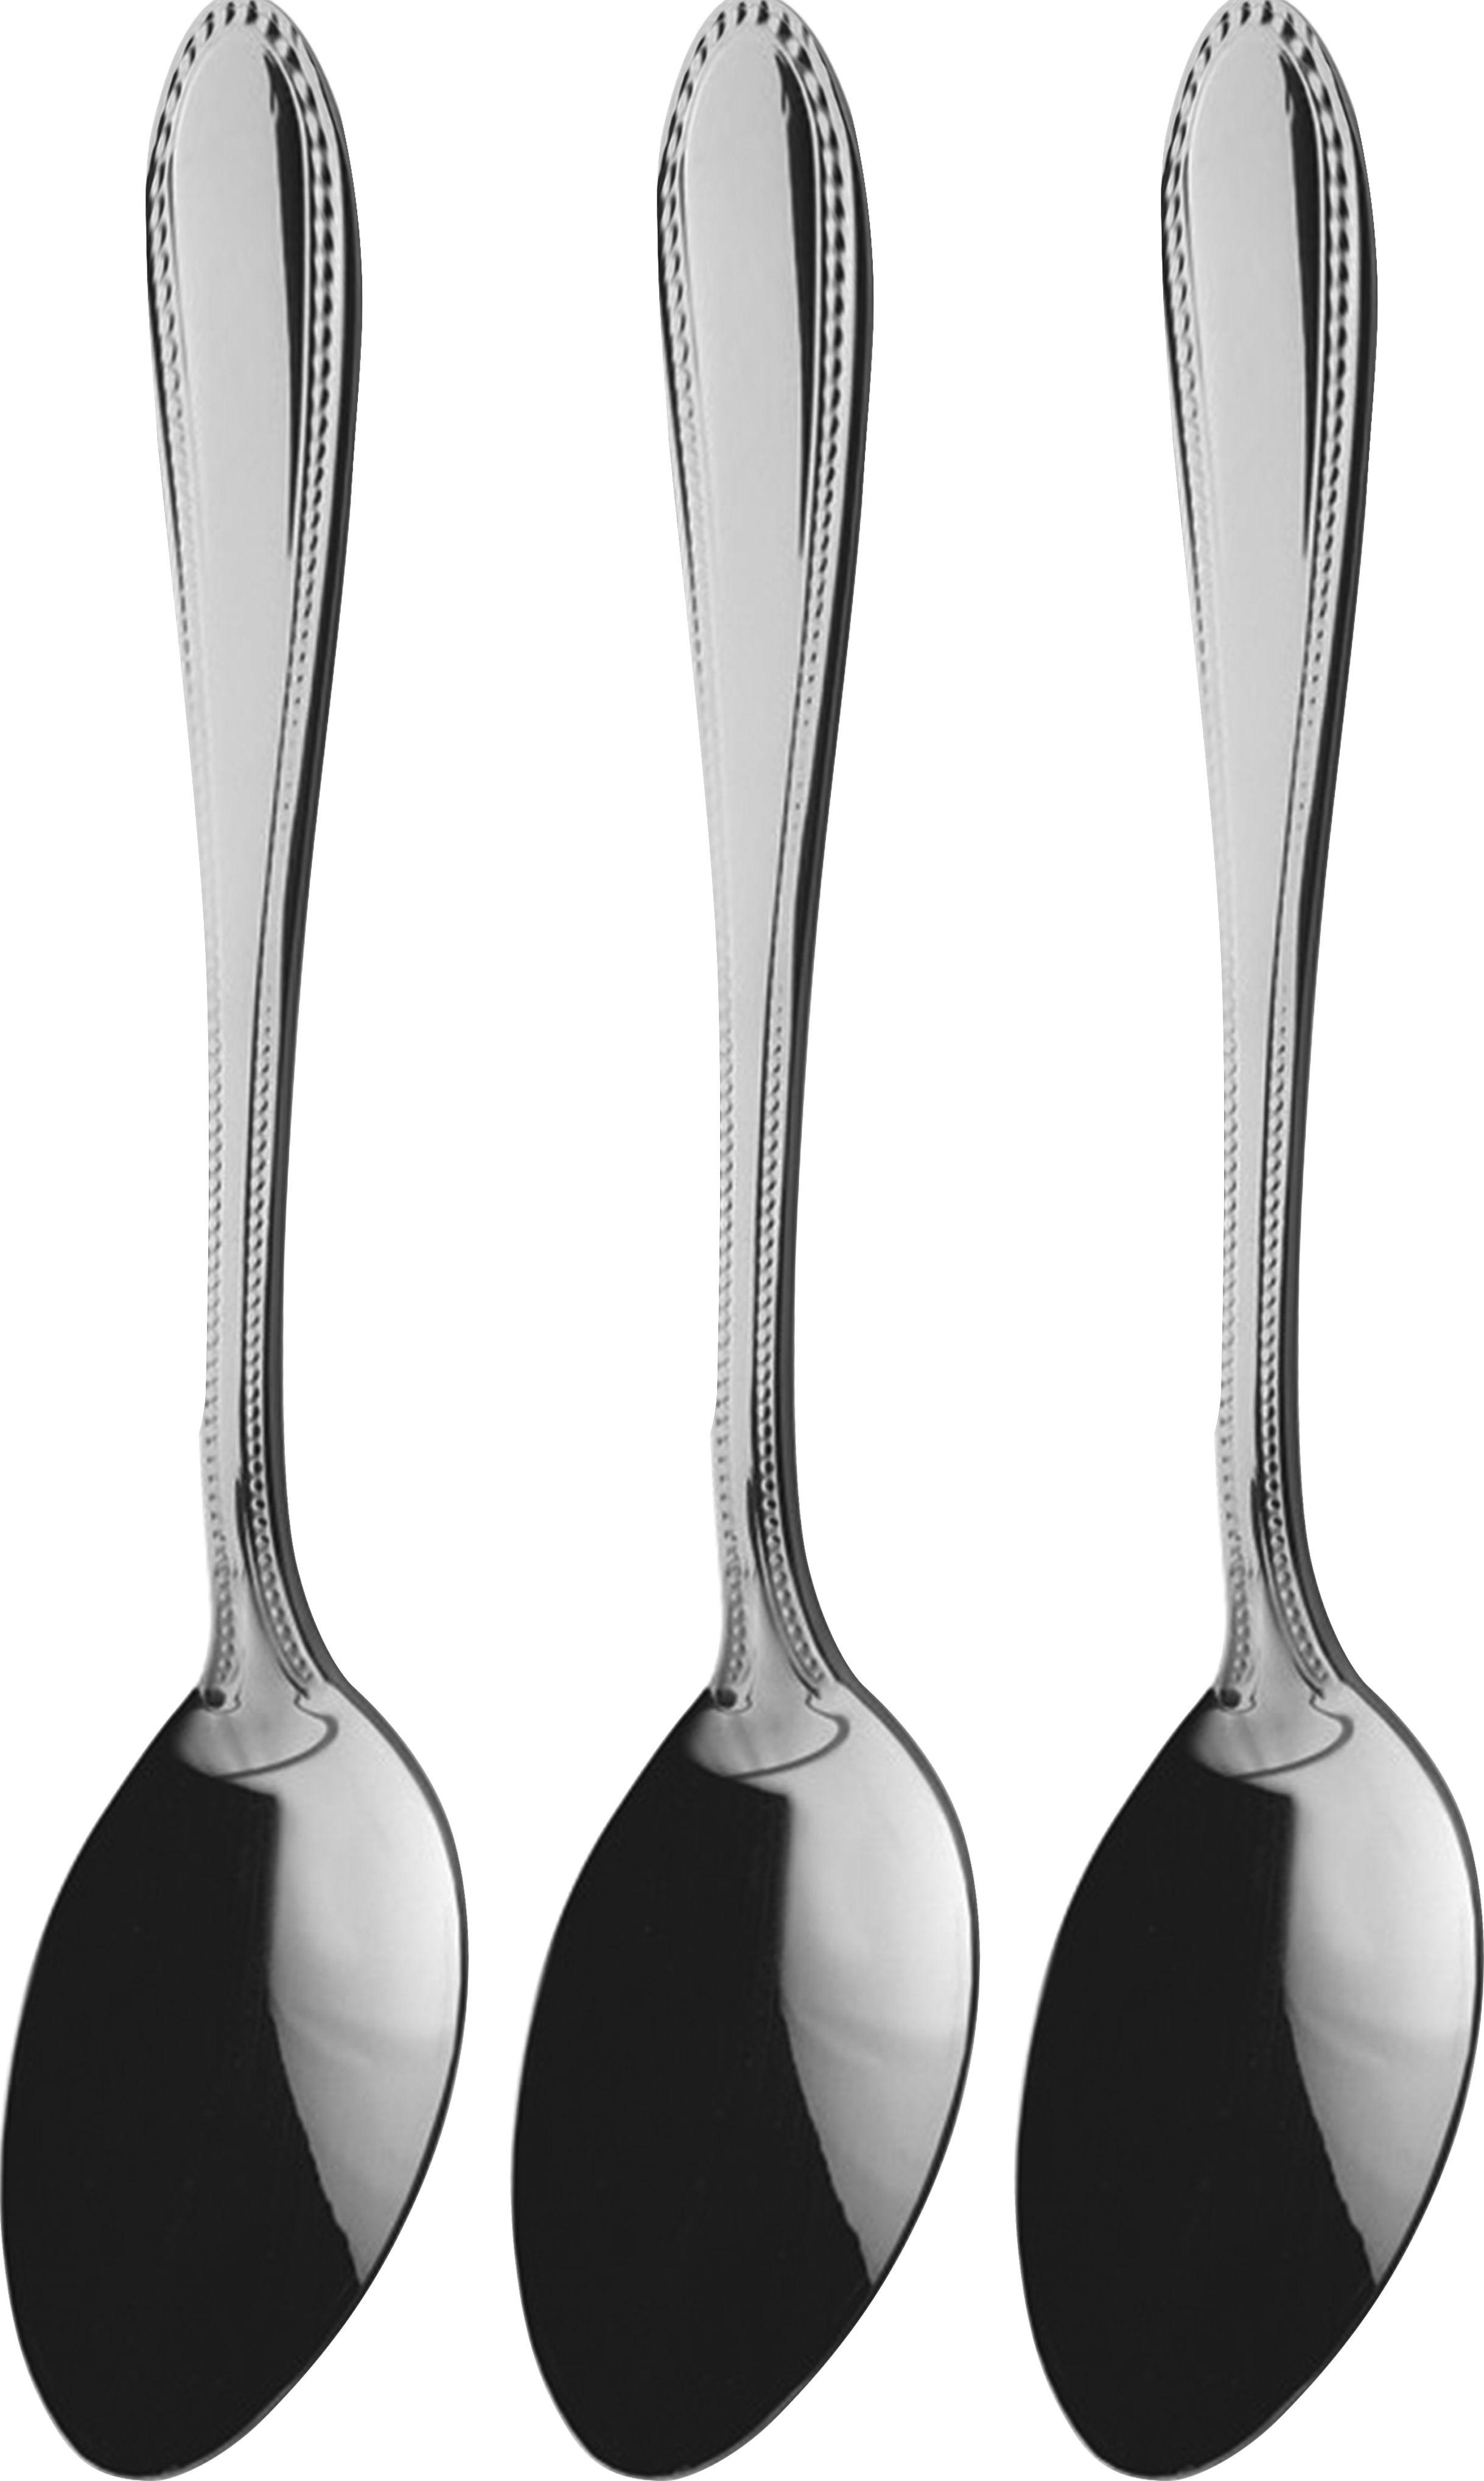 Набор чайных ложек Atmosphere Facile, 3 предмета стартовый набор для посудомоечной машины top house 3 предмета